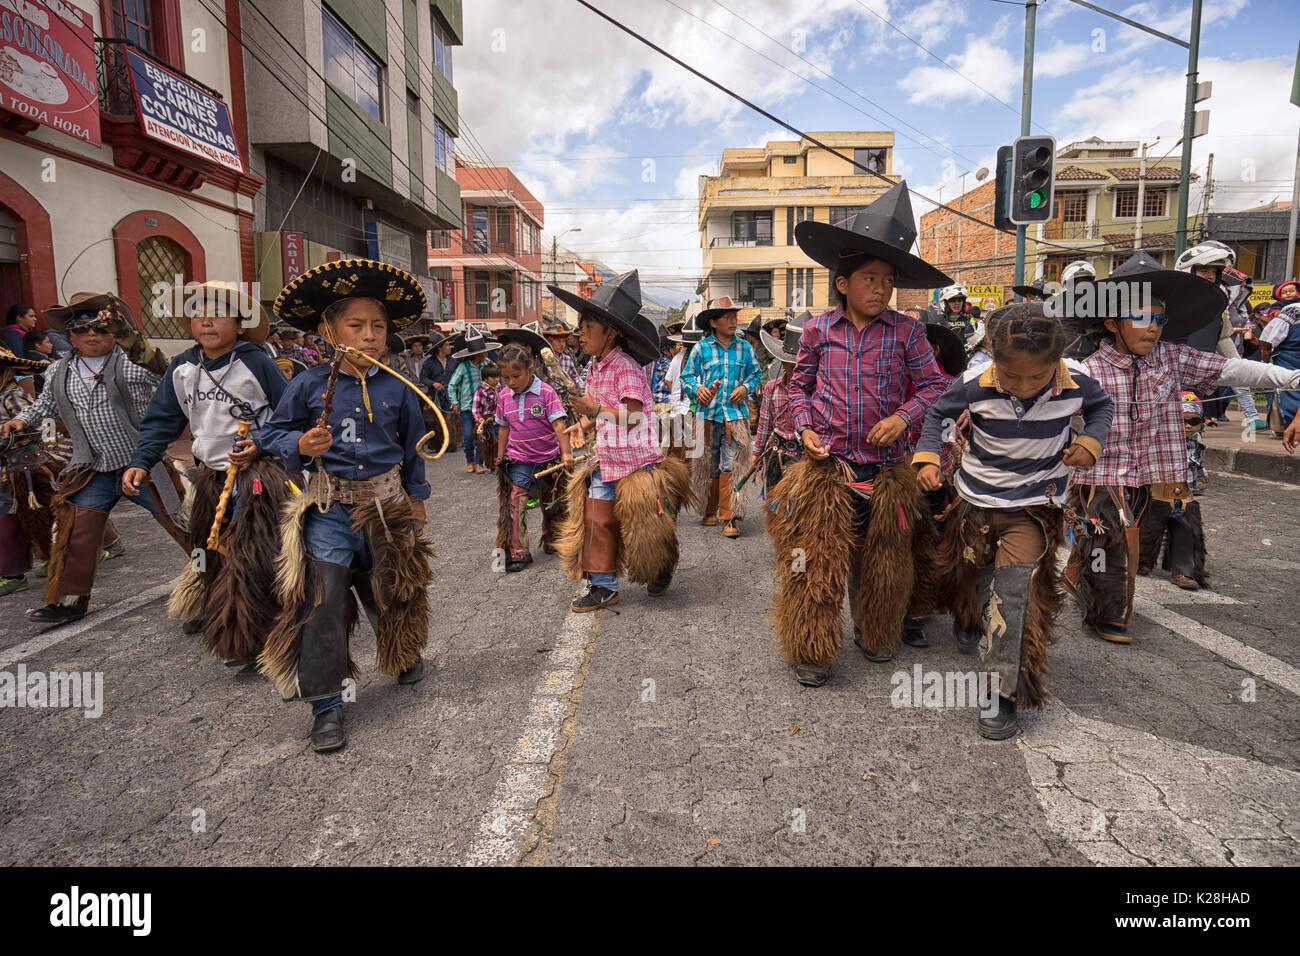 25 juin, 2017 Cherche: peuples quechua enfants portant des sombreros et chaps danser dans les fêtes de l'Inti Raymi Photo Stock